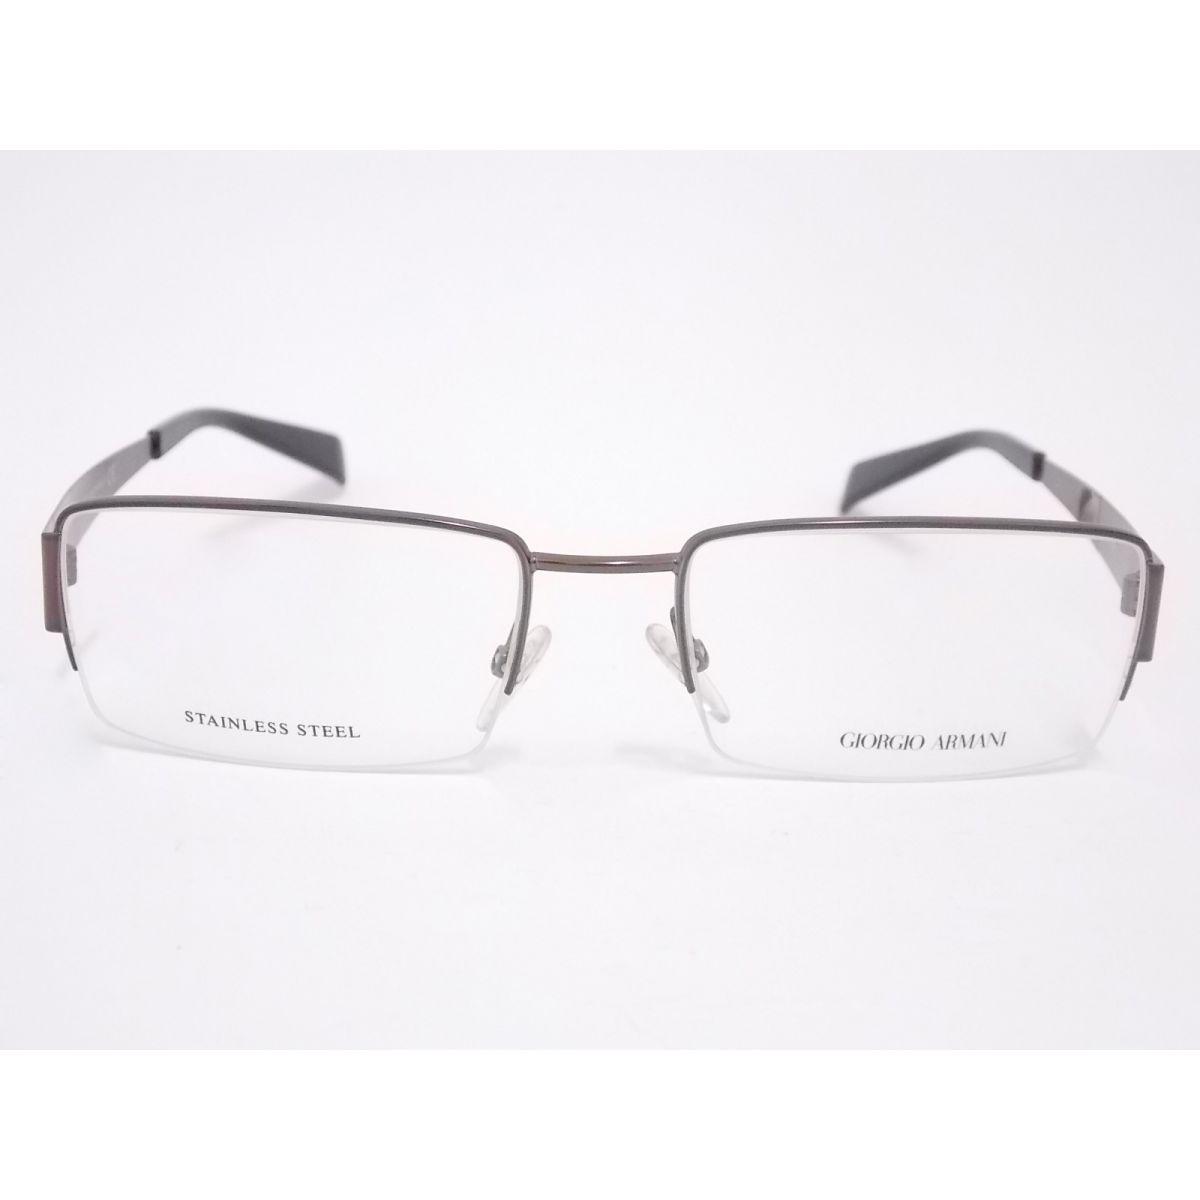 Óculos de Grau Giorgio Armani 244Giorgio ArmaniPromoçãoCompra segura ... 68fa1e976a